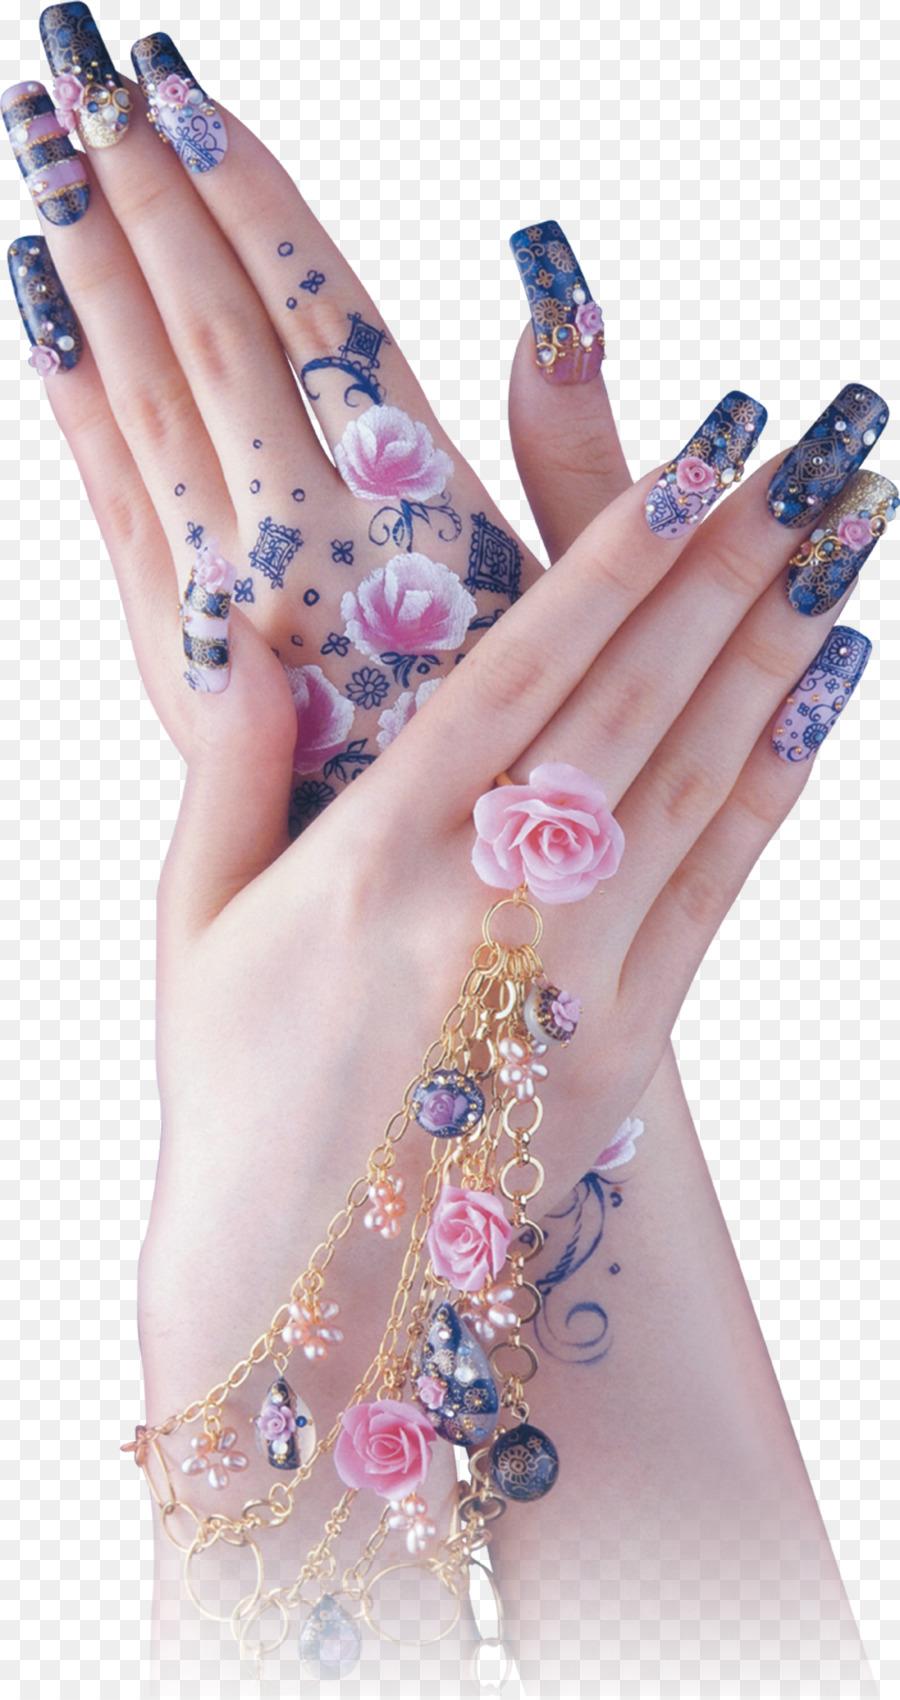 Nail polish Gel nails Ultraviolet Artificial nails - Nail Beauty ...